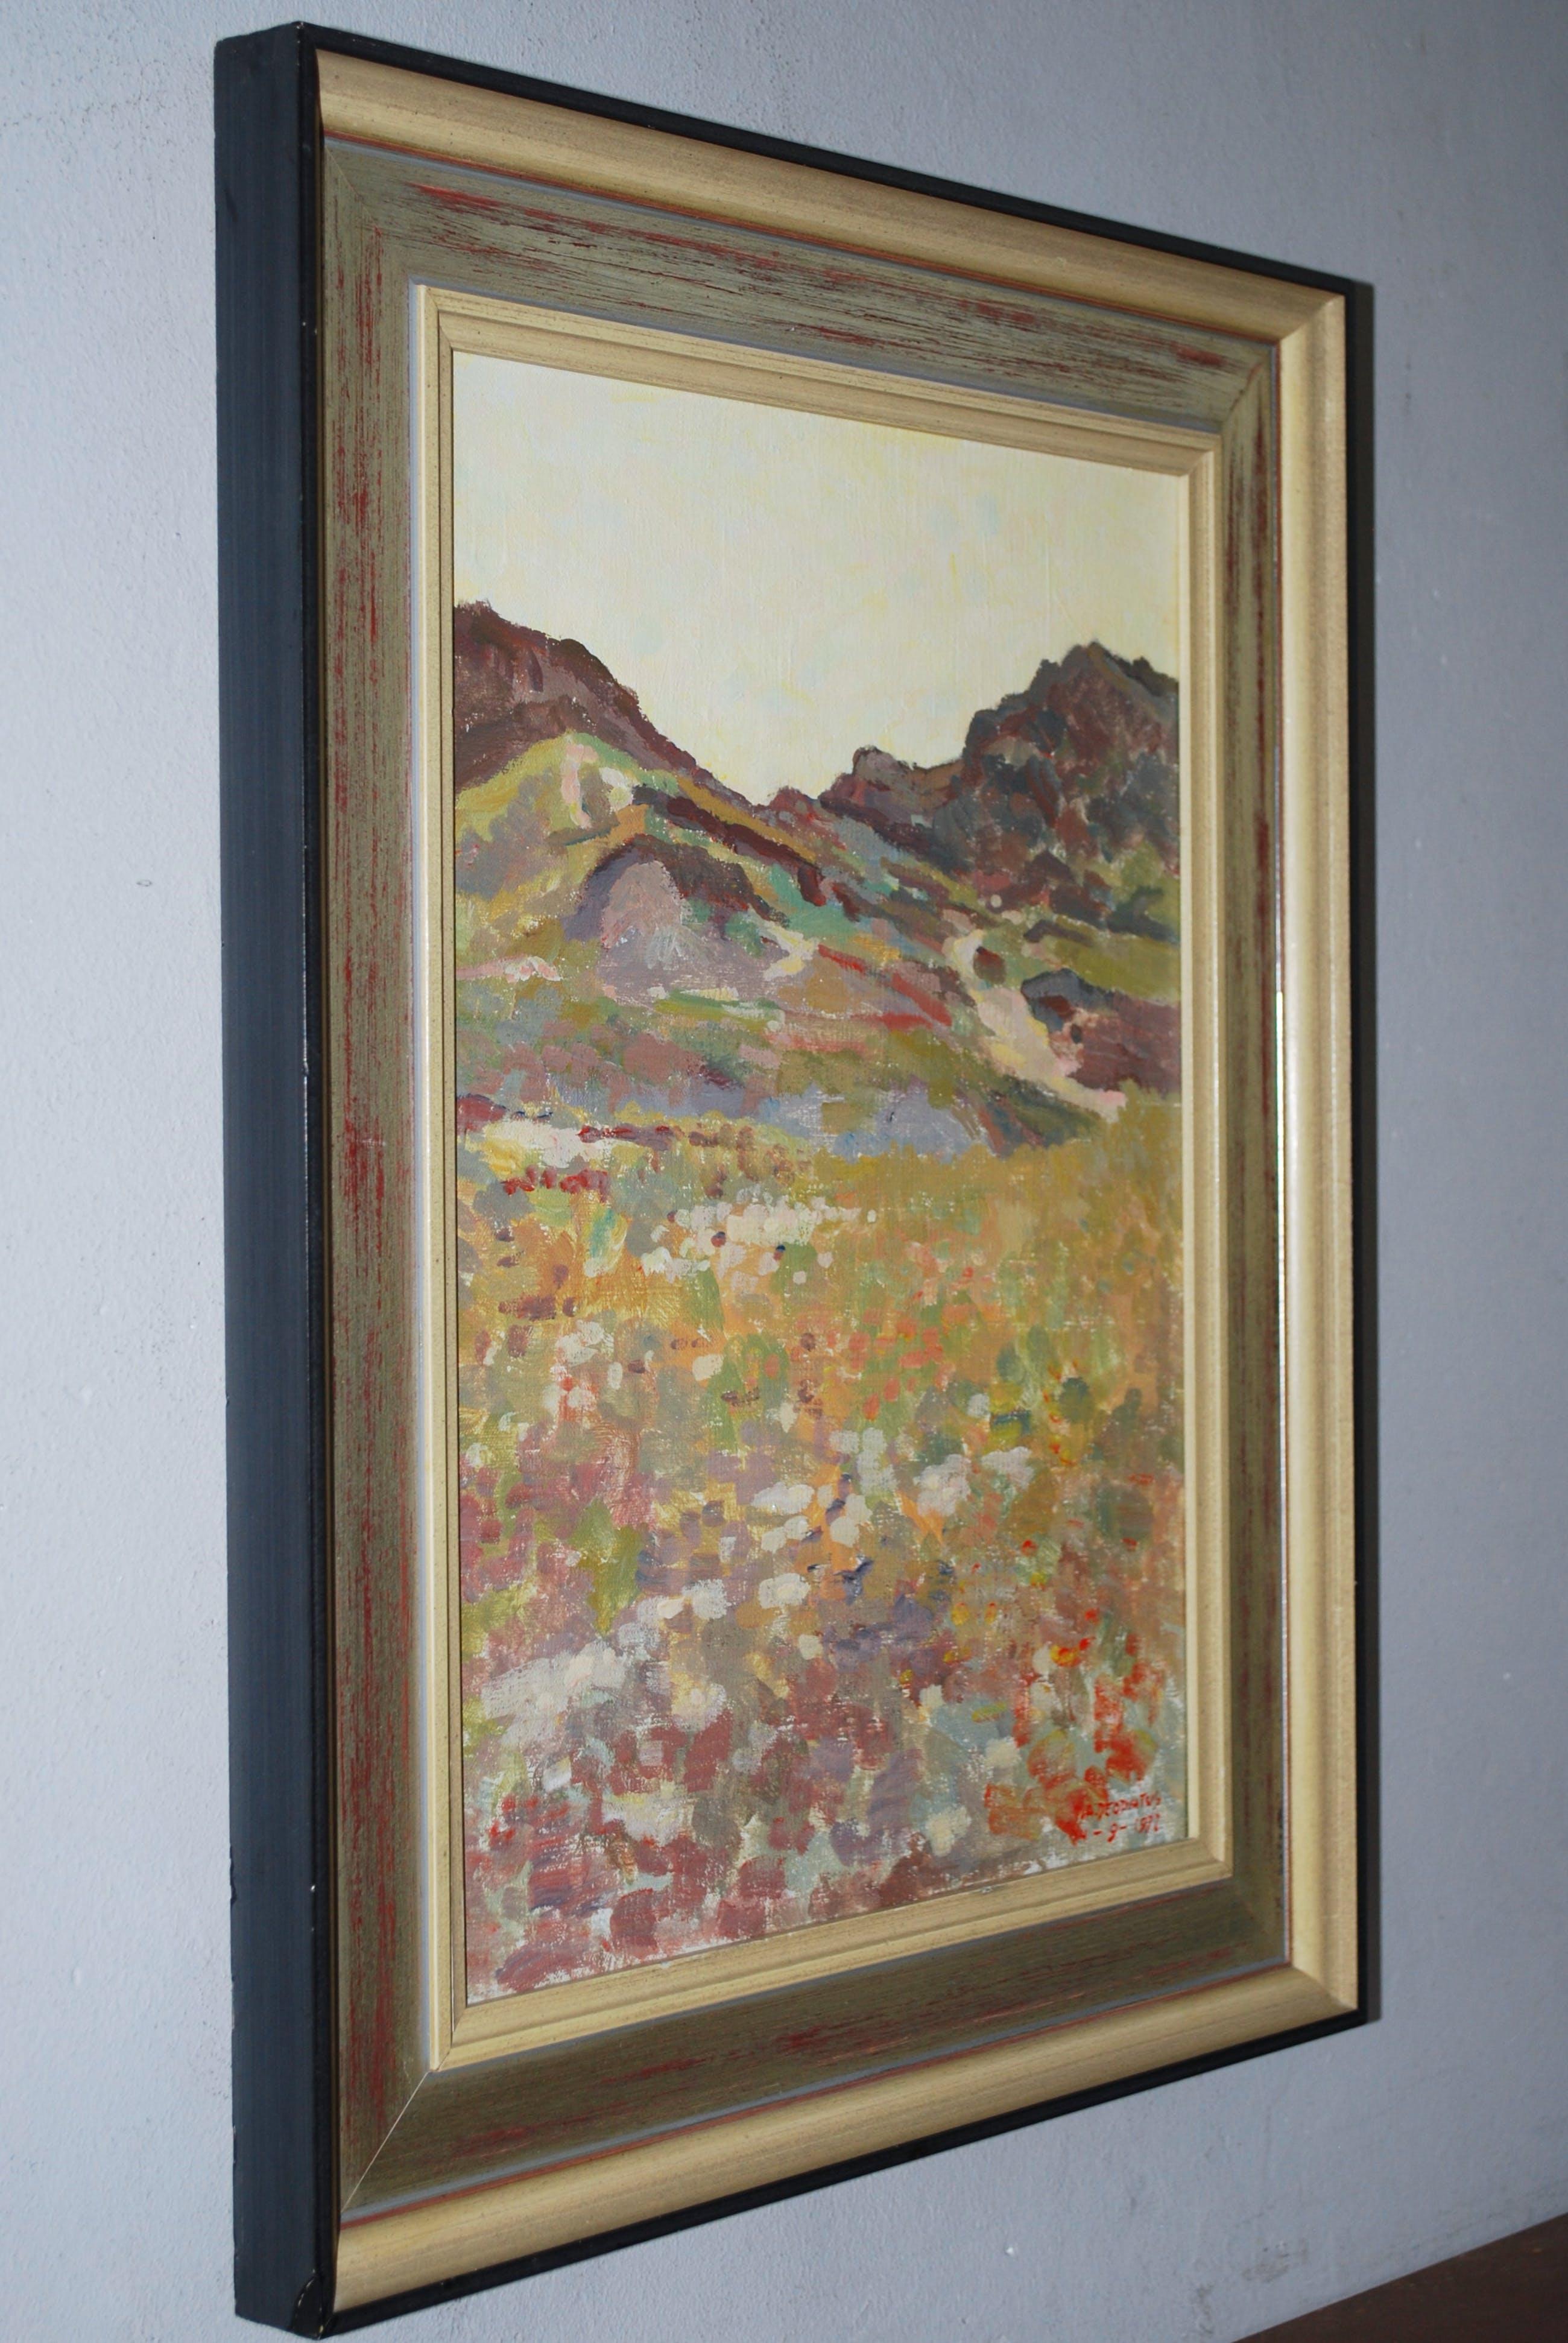 Jan Deodatus - Terschelling landschap - acryl op doek 1971 kopen? Bied vanaf 100!